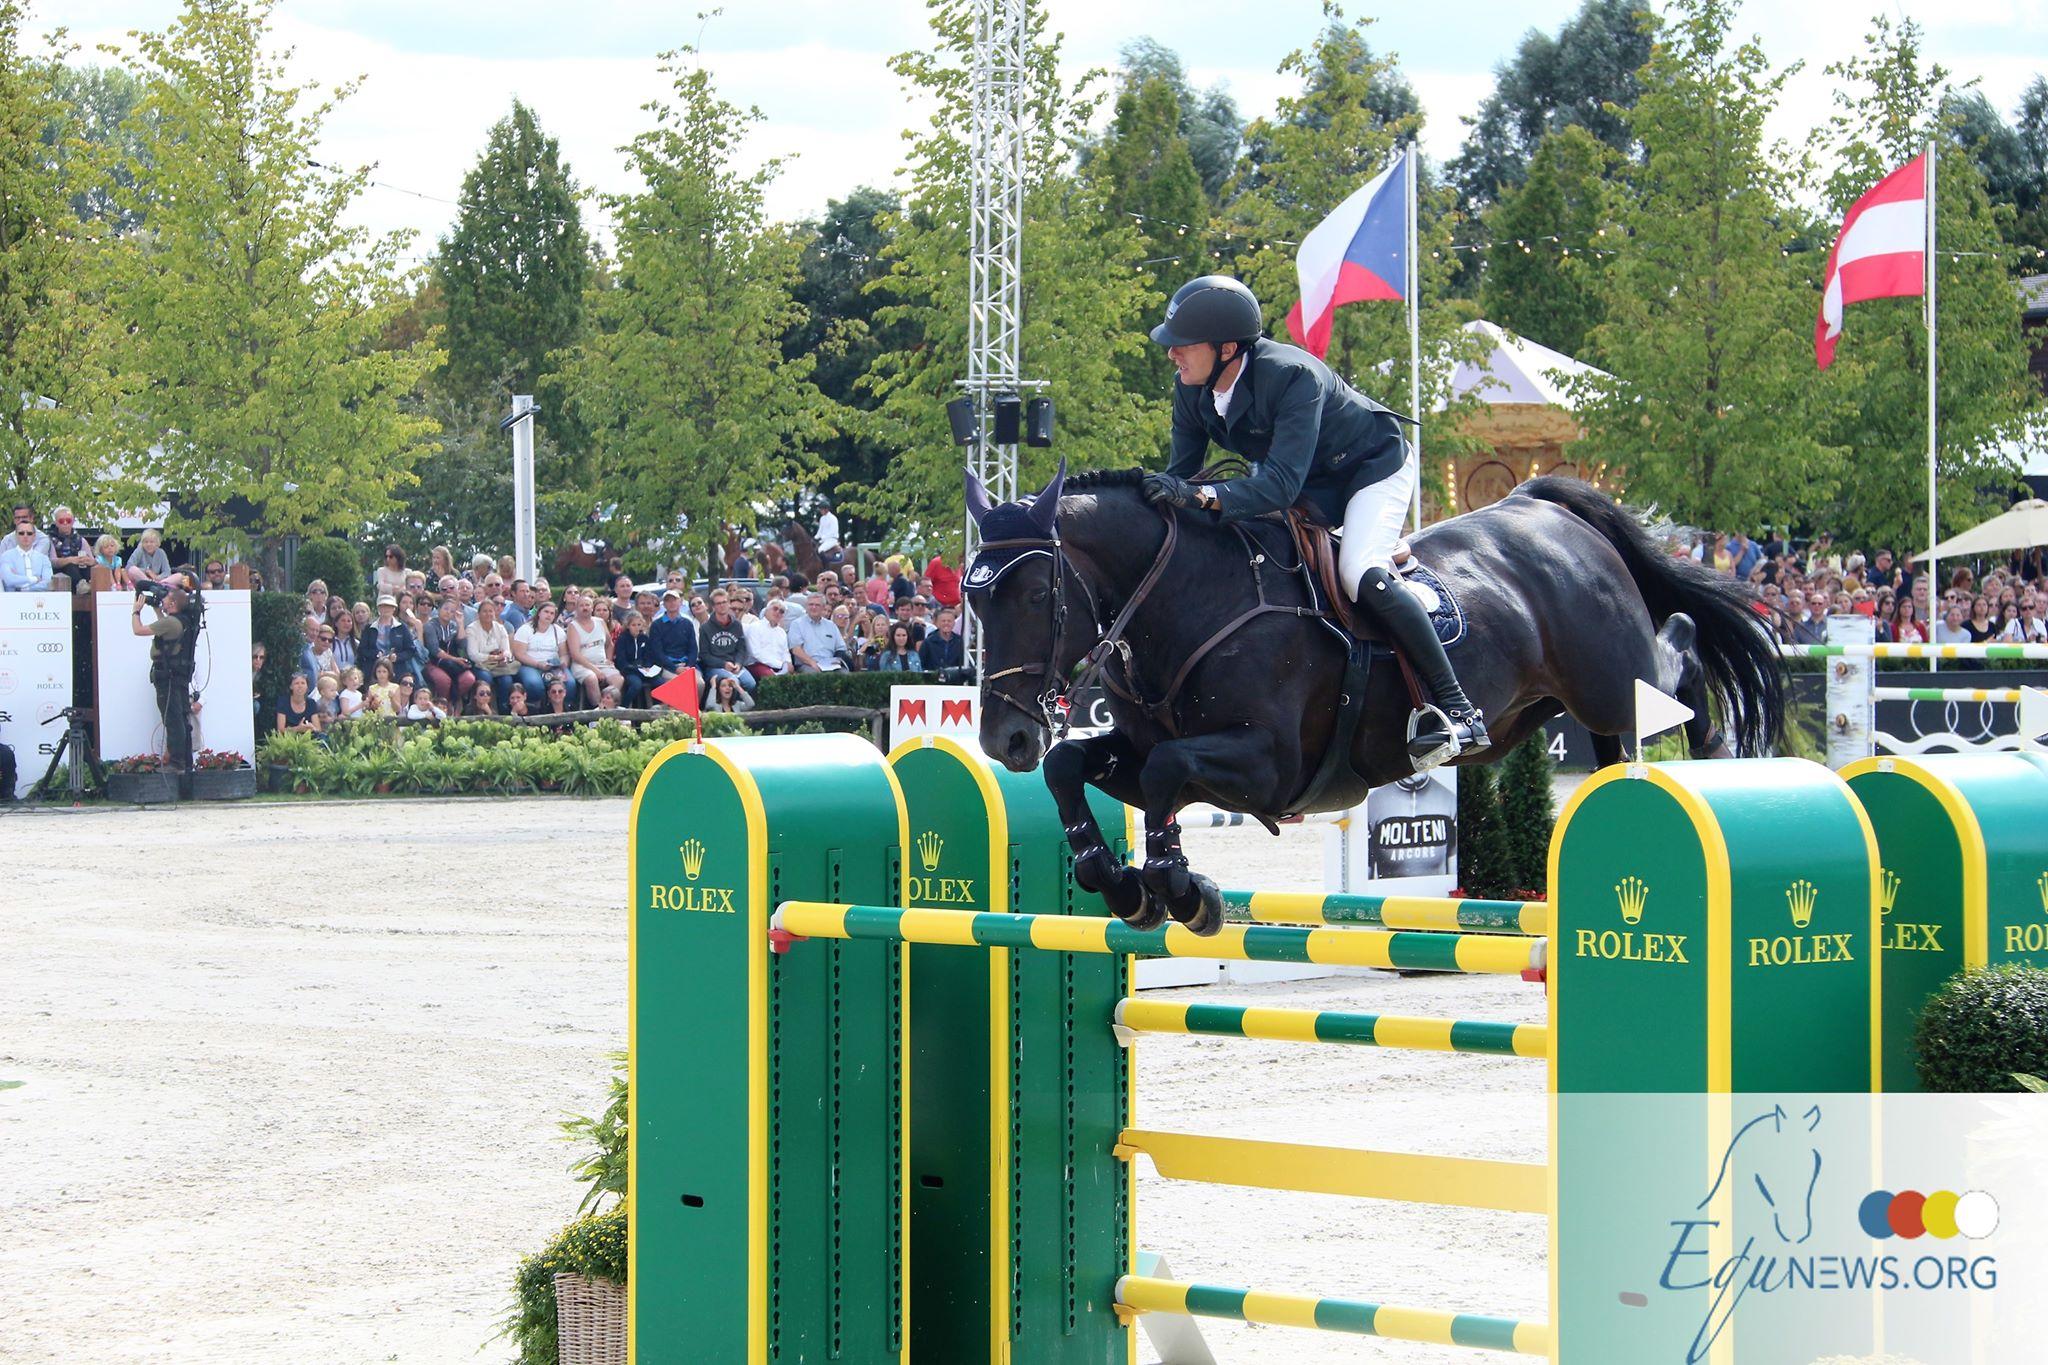 Nouveau cheval de Grand Prix pour Gregory Wathelet